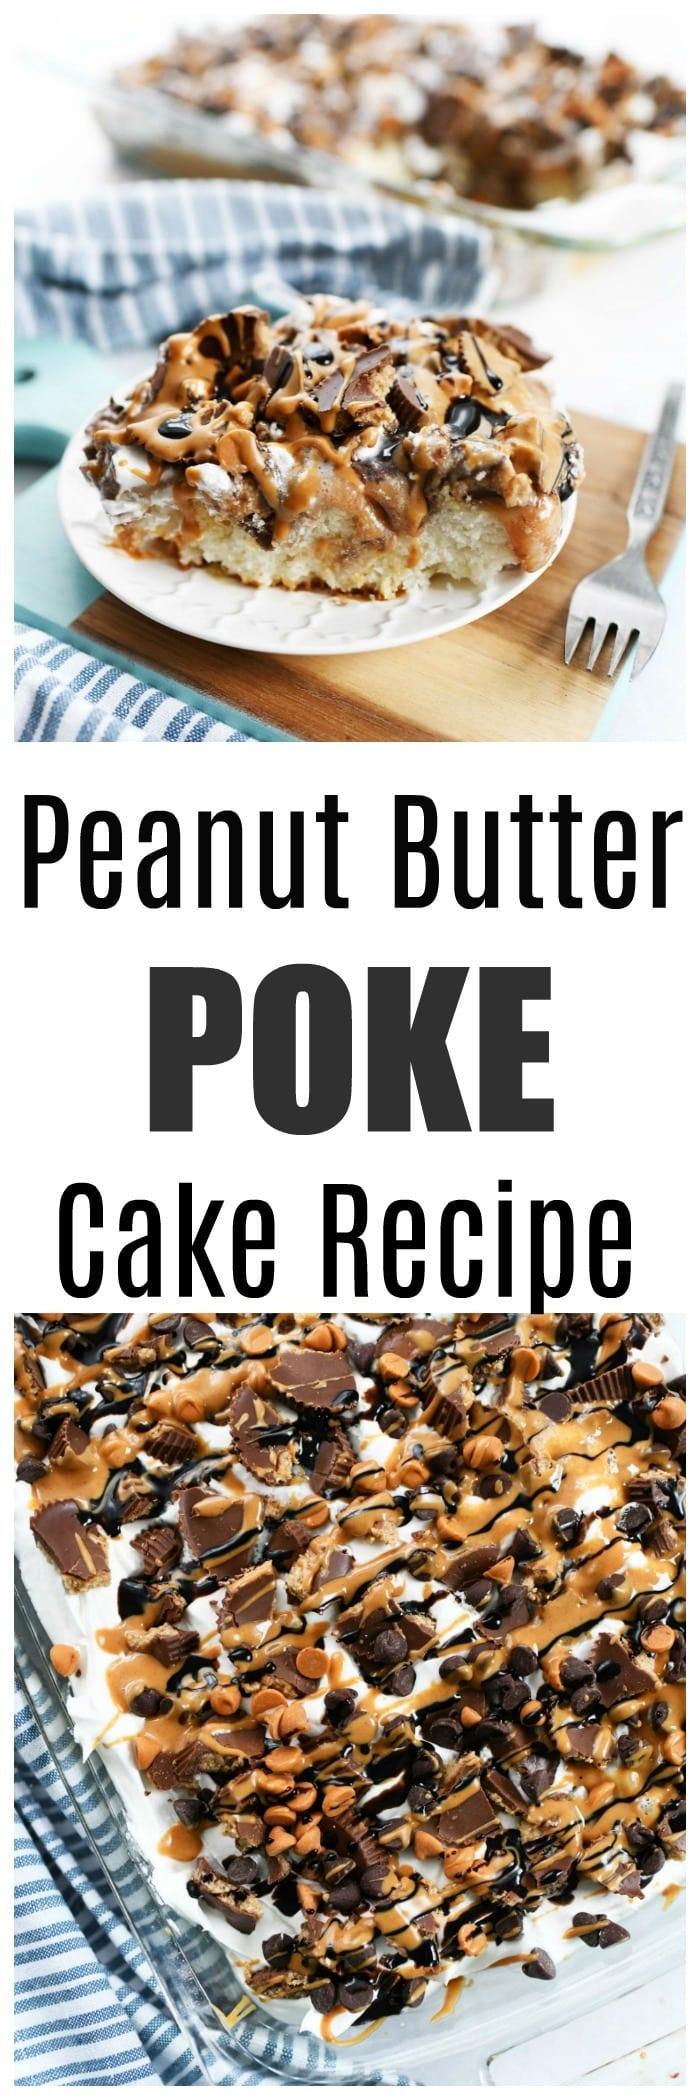 The Best Peanut Butter Poke Cake